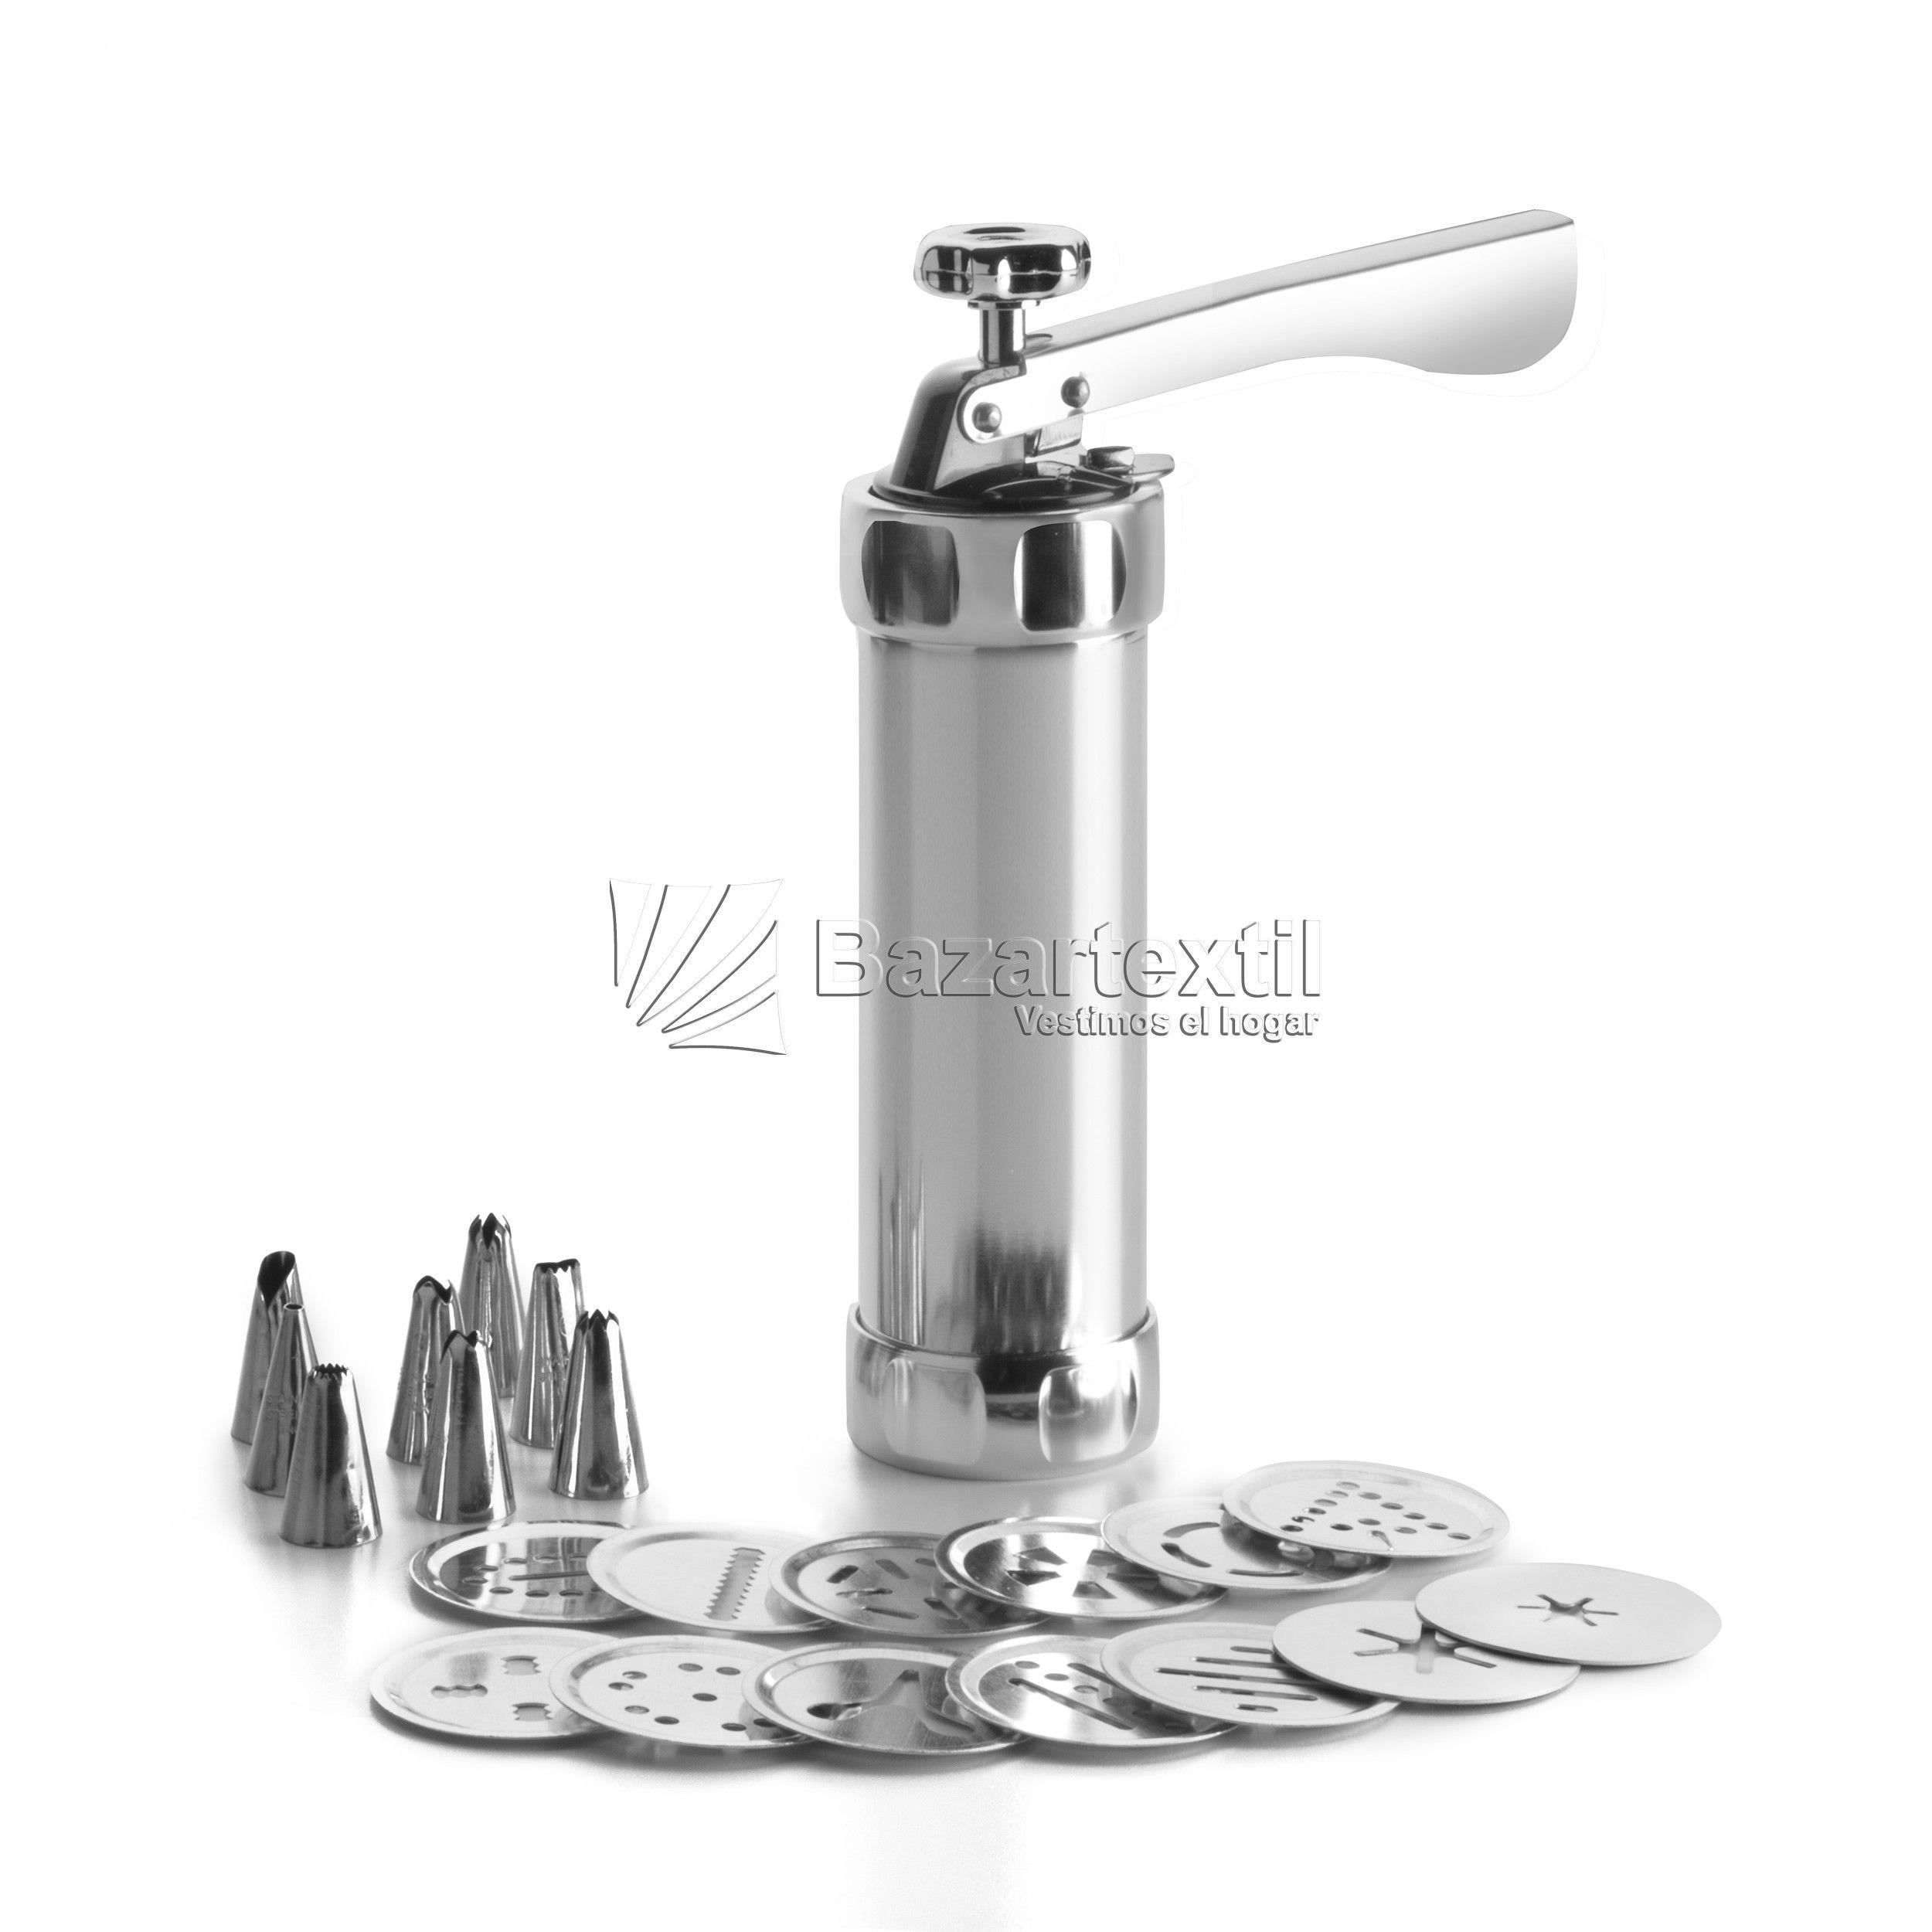 Churrera Máquina de Pastas Ibili - Bazartextil.com